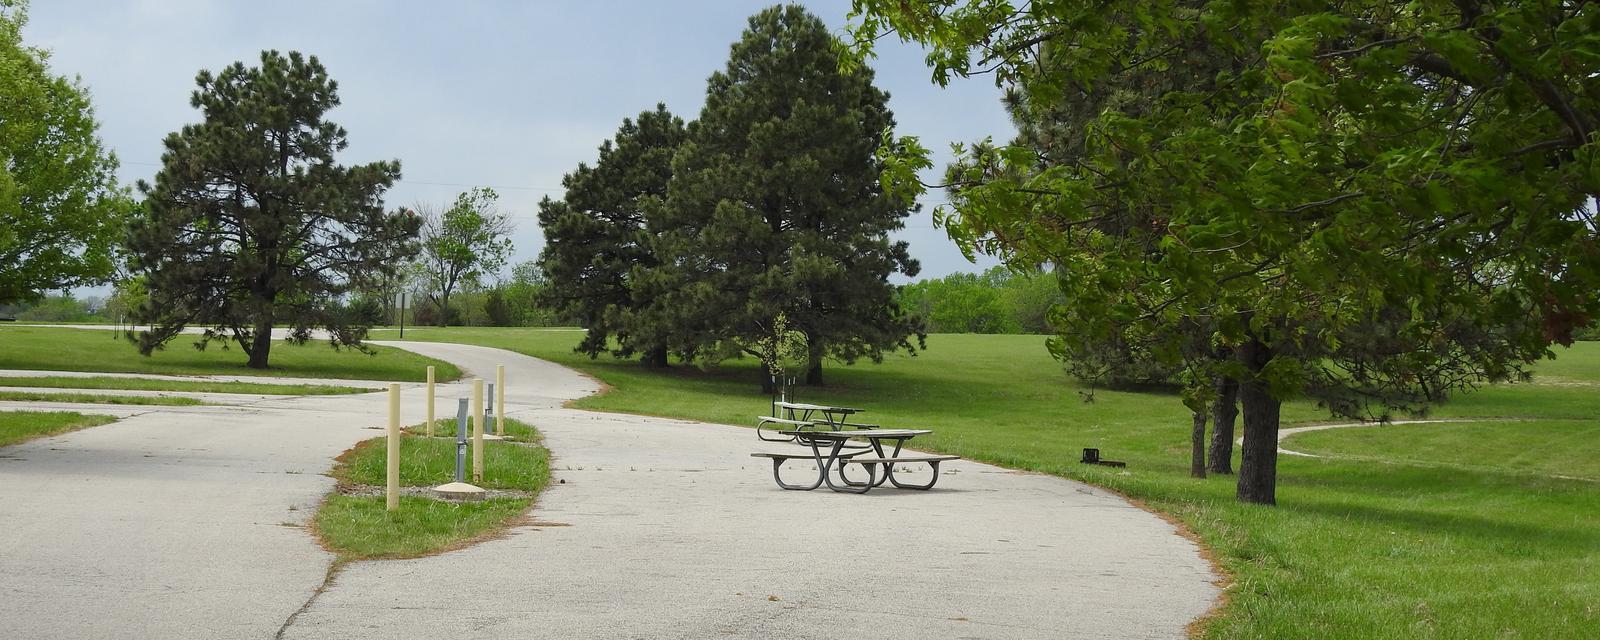 Site 45 in Turkey Point Campground